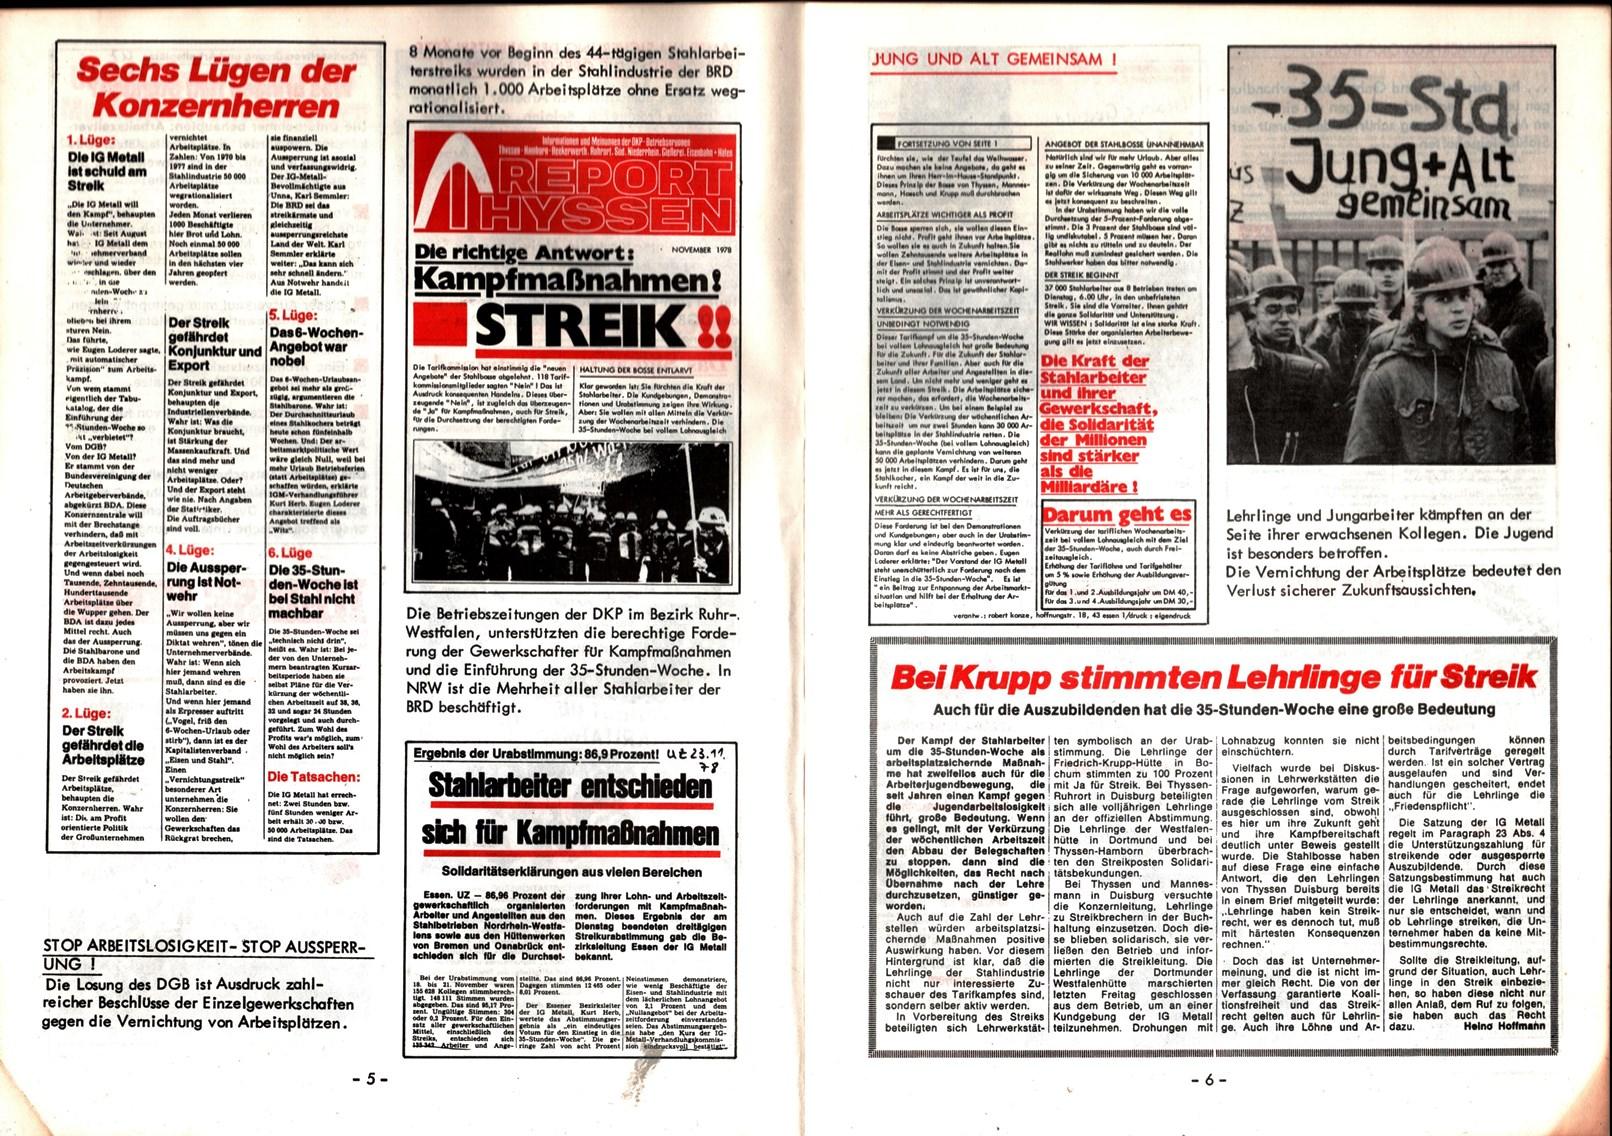 NRW_DKP_Stahlarbeiterstreik_1978_1979_004